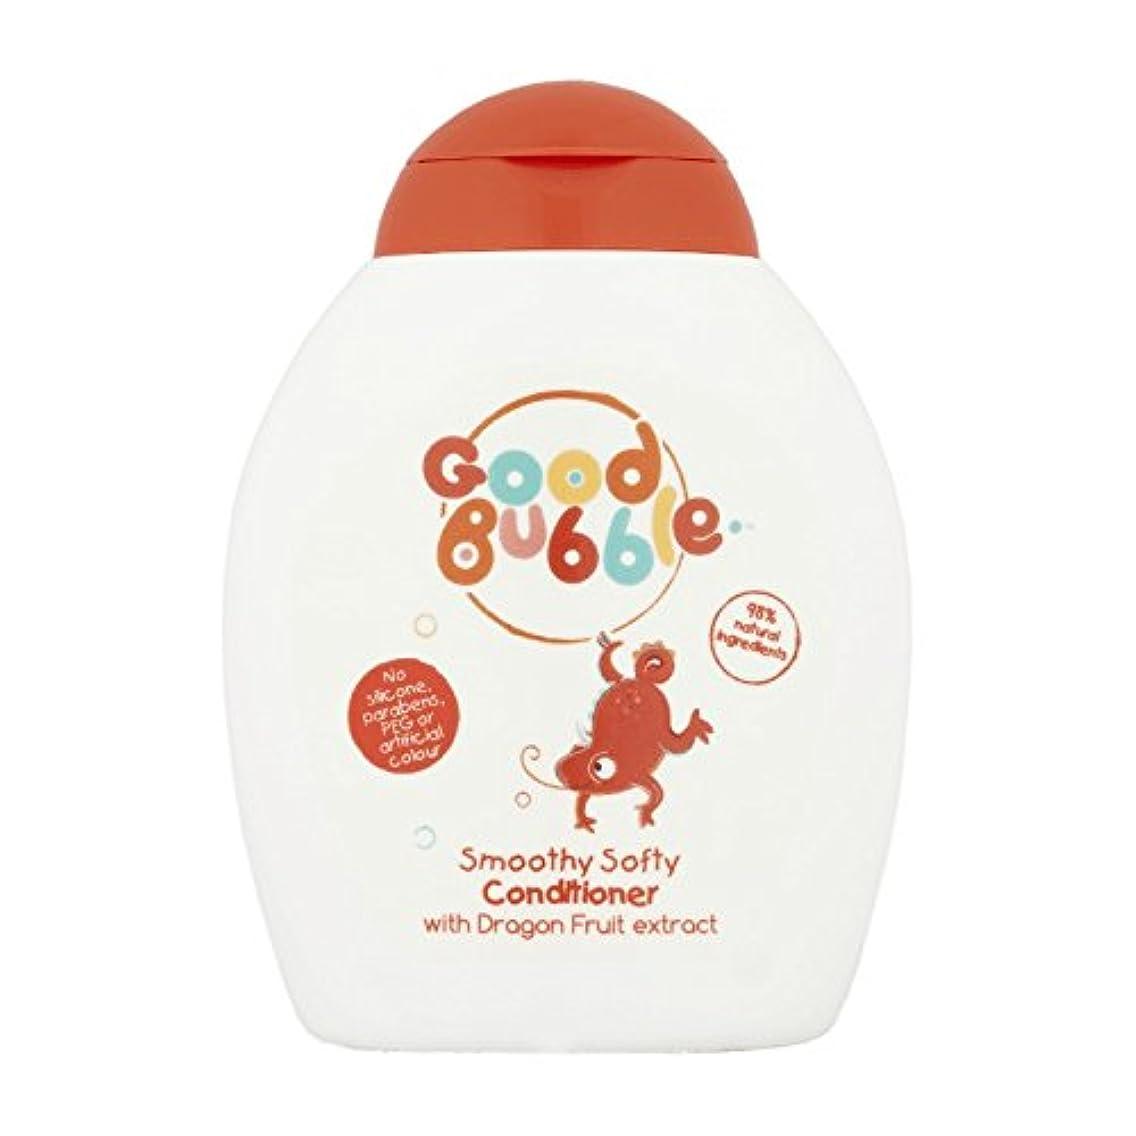 投げる登山家原理良いバブルドラゴンフルーツコンディショナー250ミリリットル - Good Bubble Dragon Fruit Conditioner 250ml (Good Bubble) [並行輸入品]